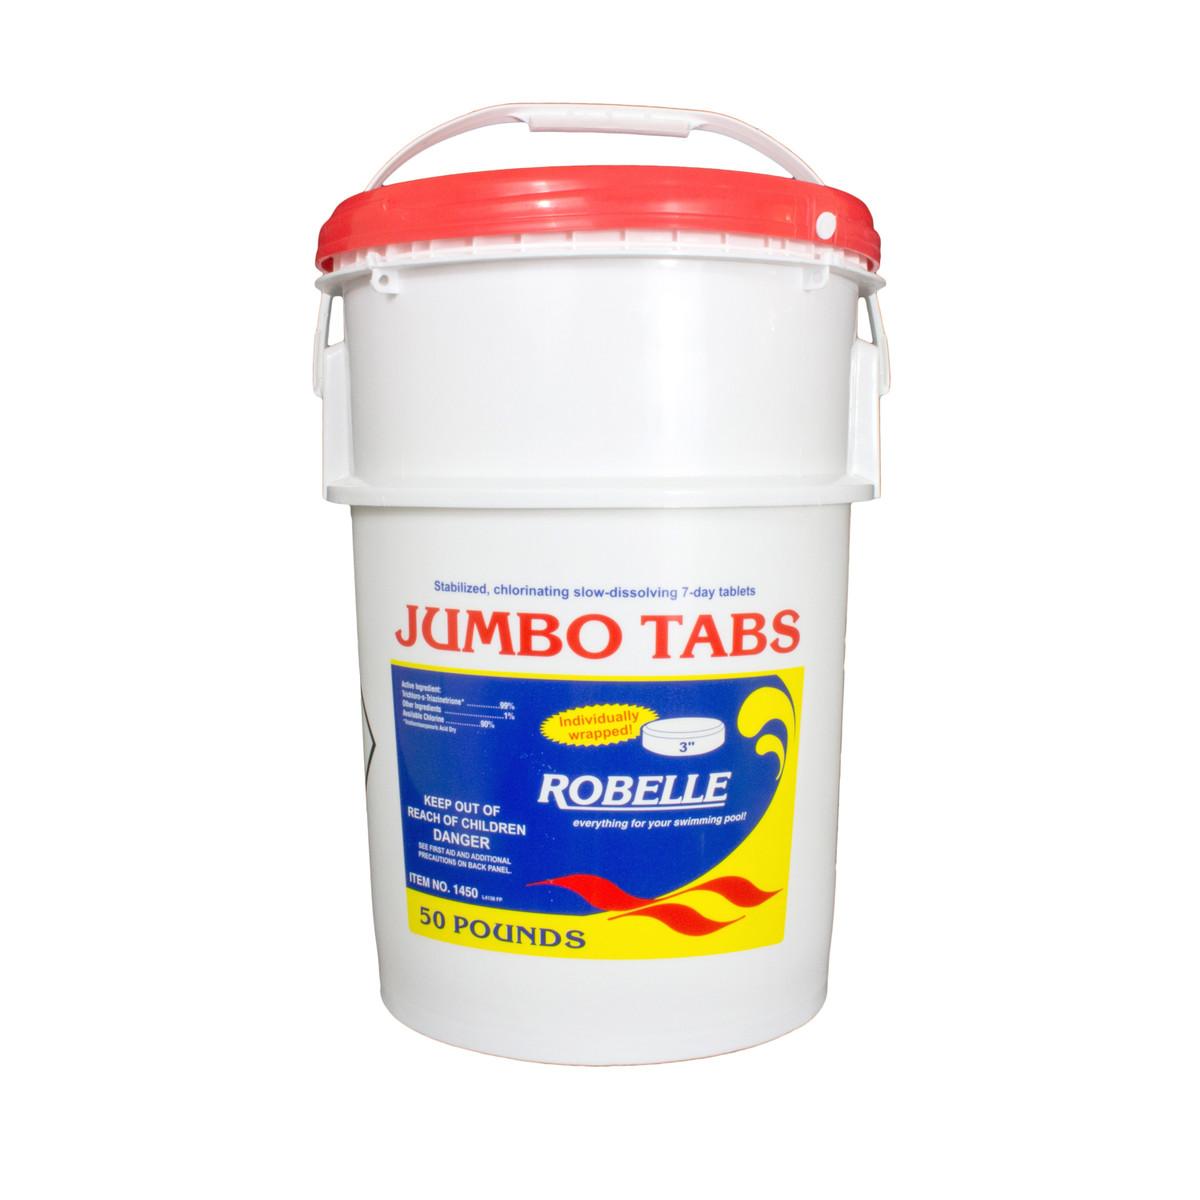 Robelle 3 Jumbo Tabs 50 Lbs 3 Chlorine Pool Tabs Splash Super Center